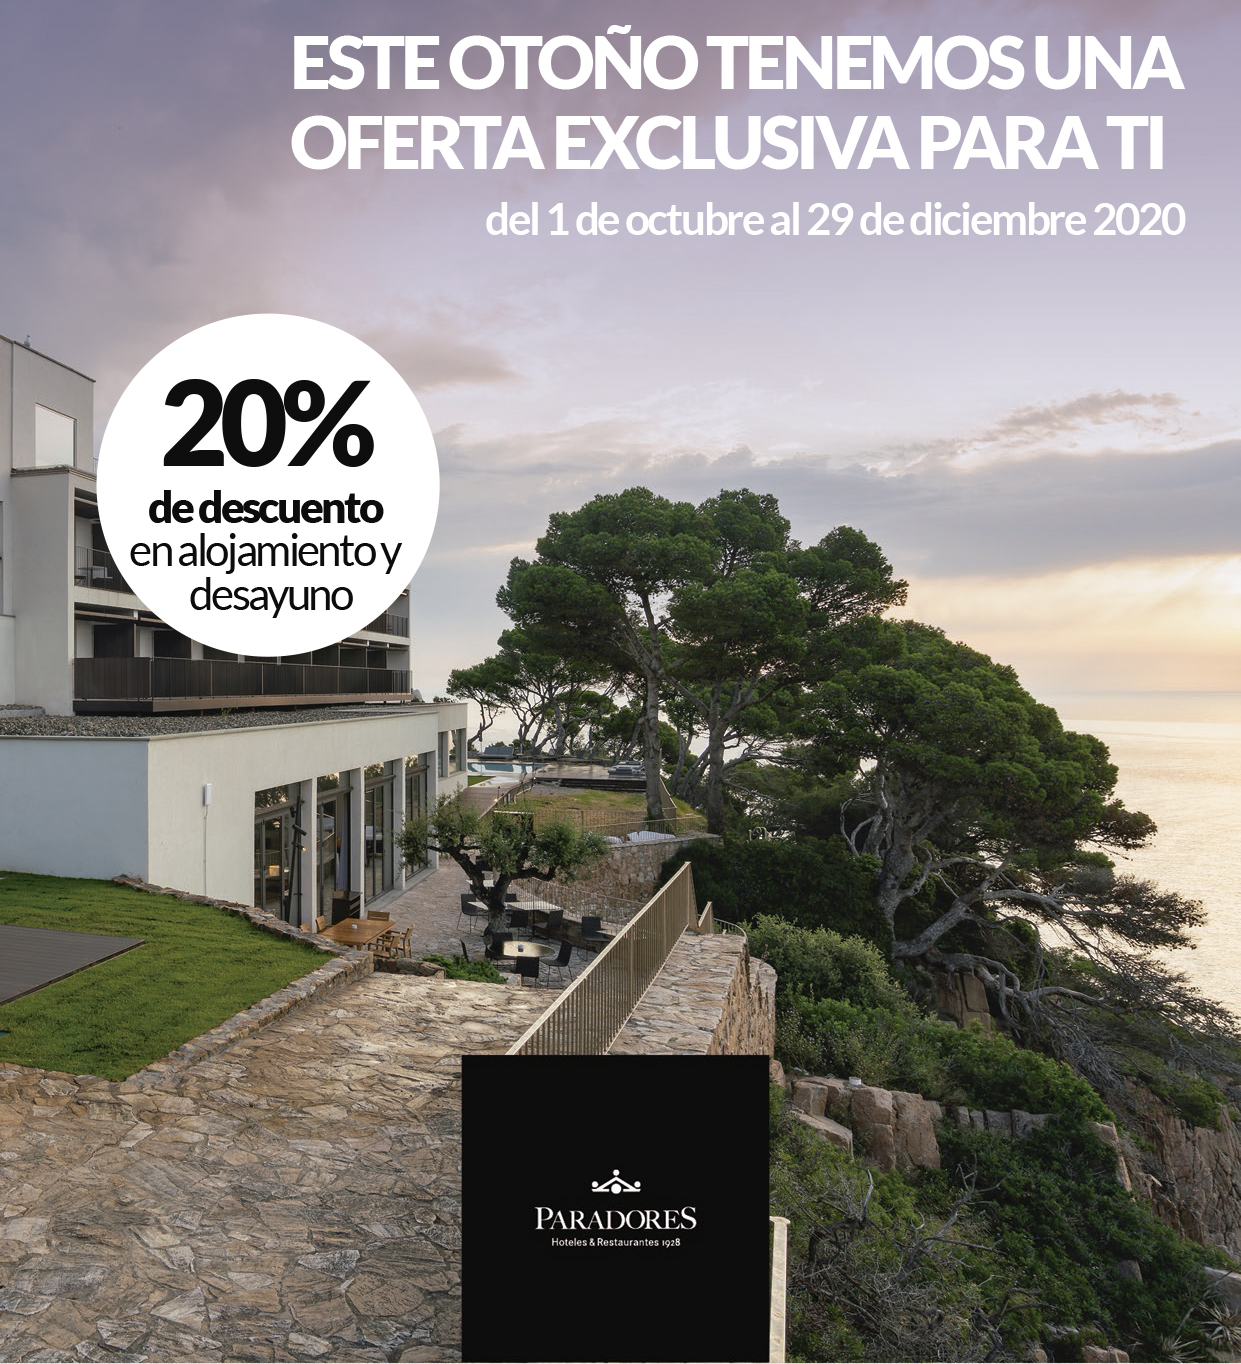 PARADORES - Promoción Especial FINE OTOÑO 2020